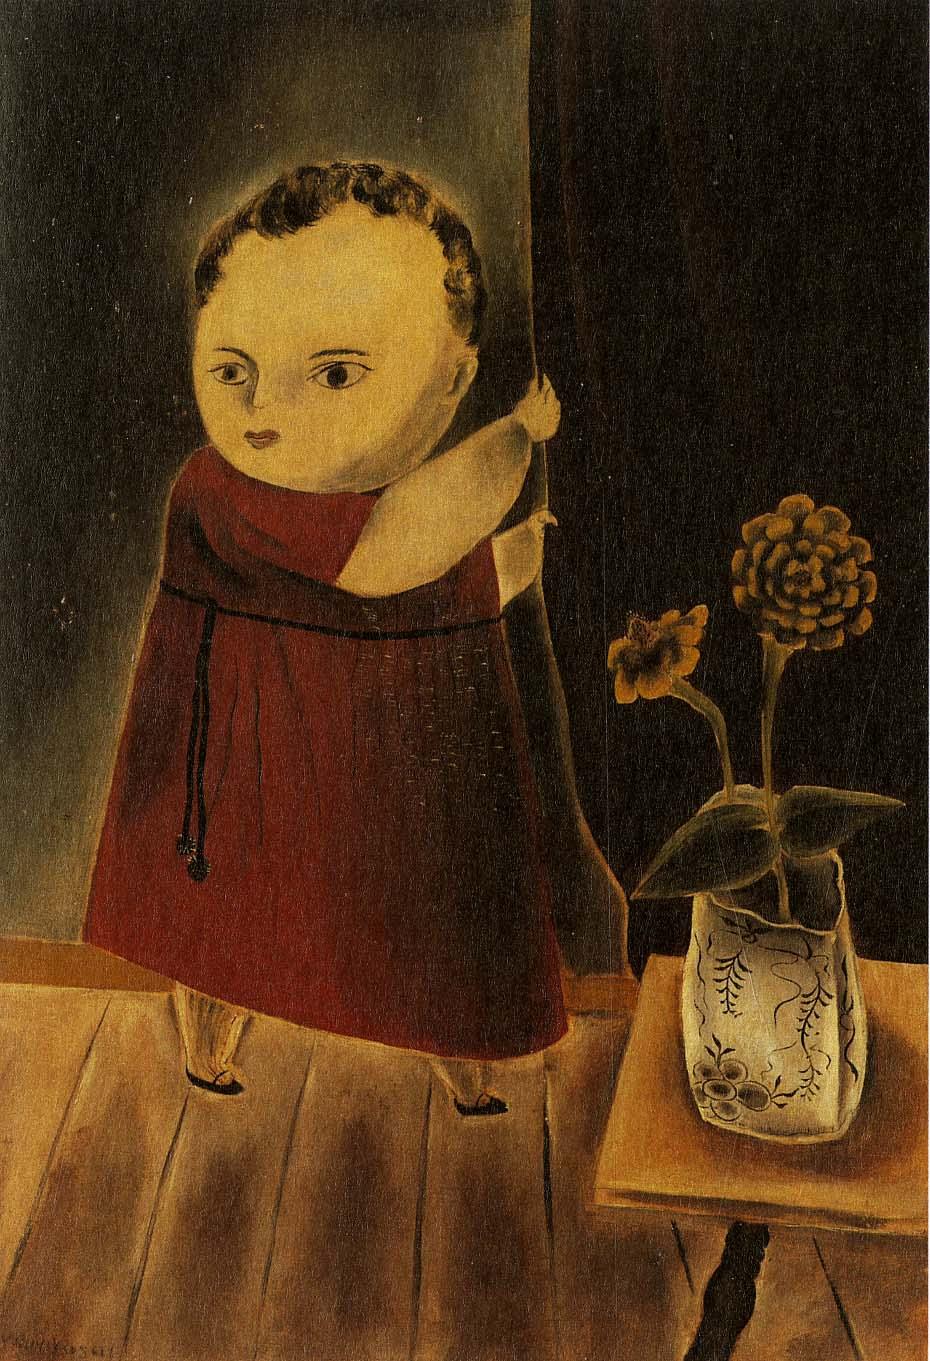 Child, 1922